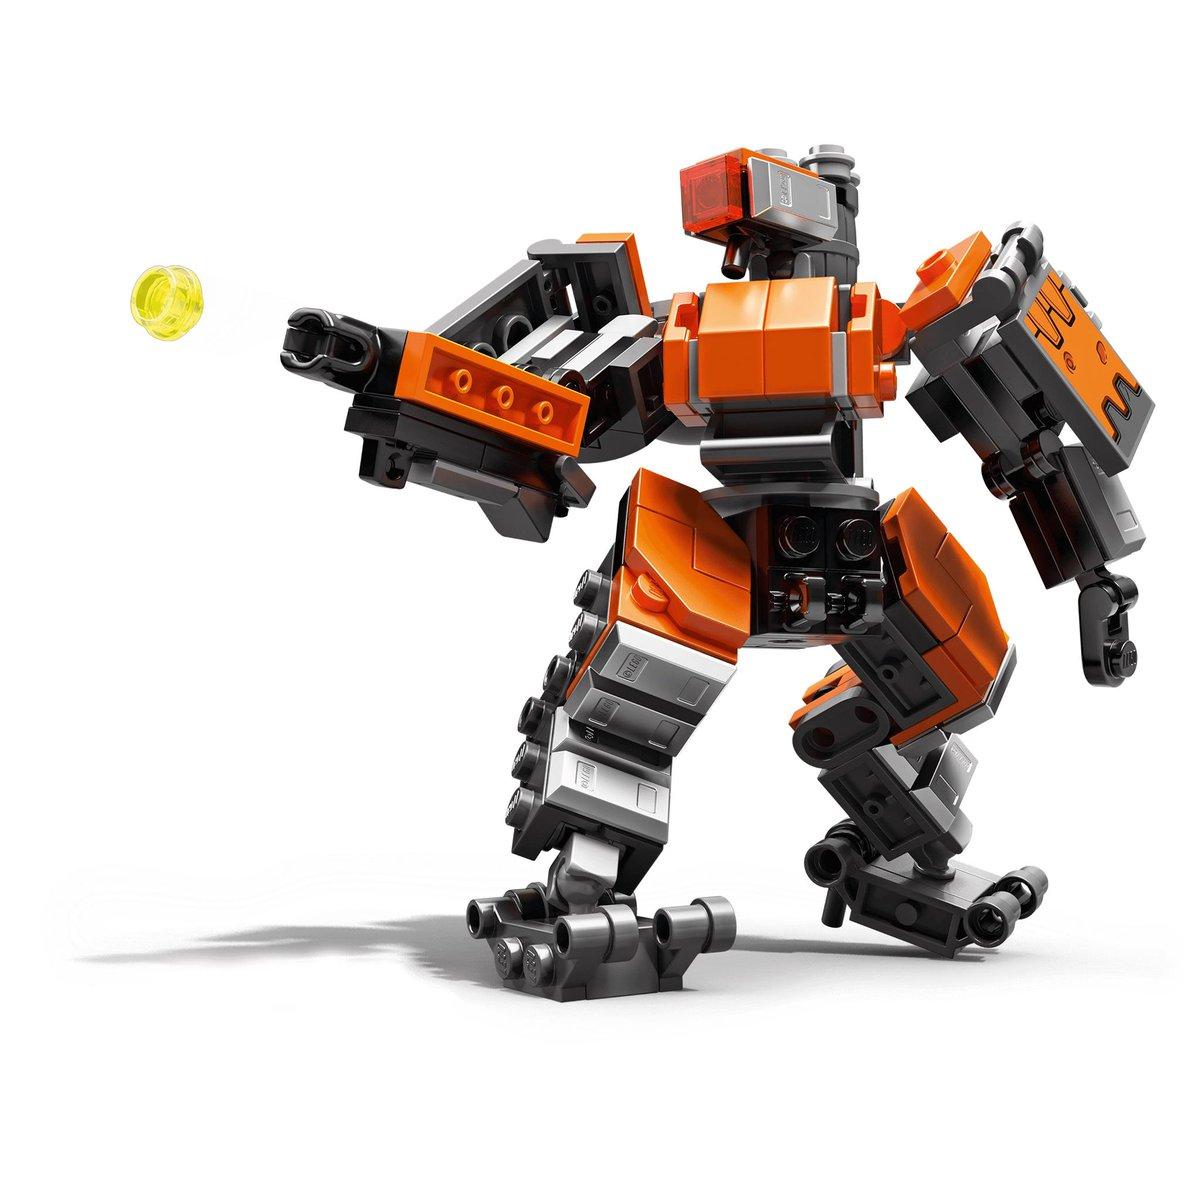 Lego Legogroup Twitter